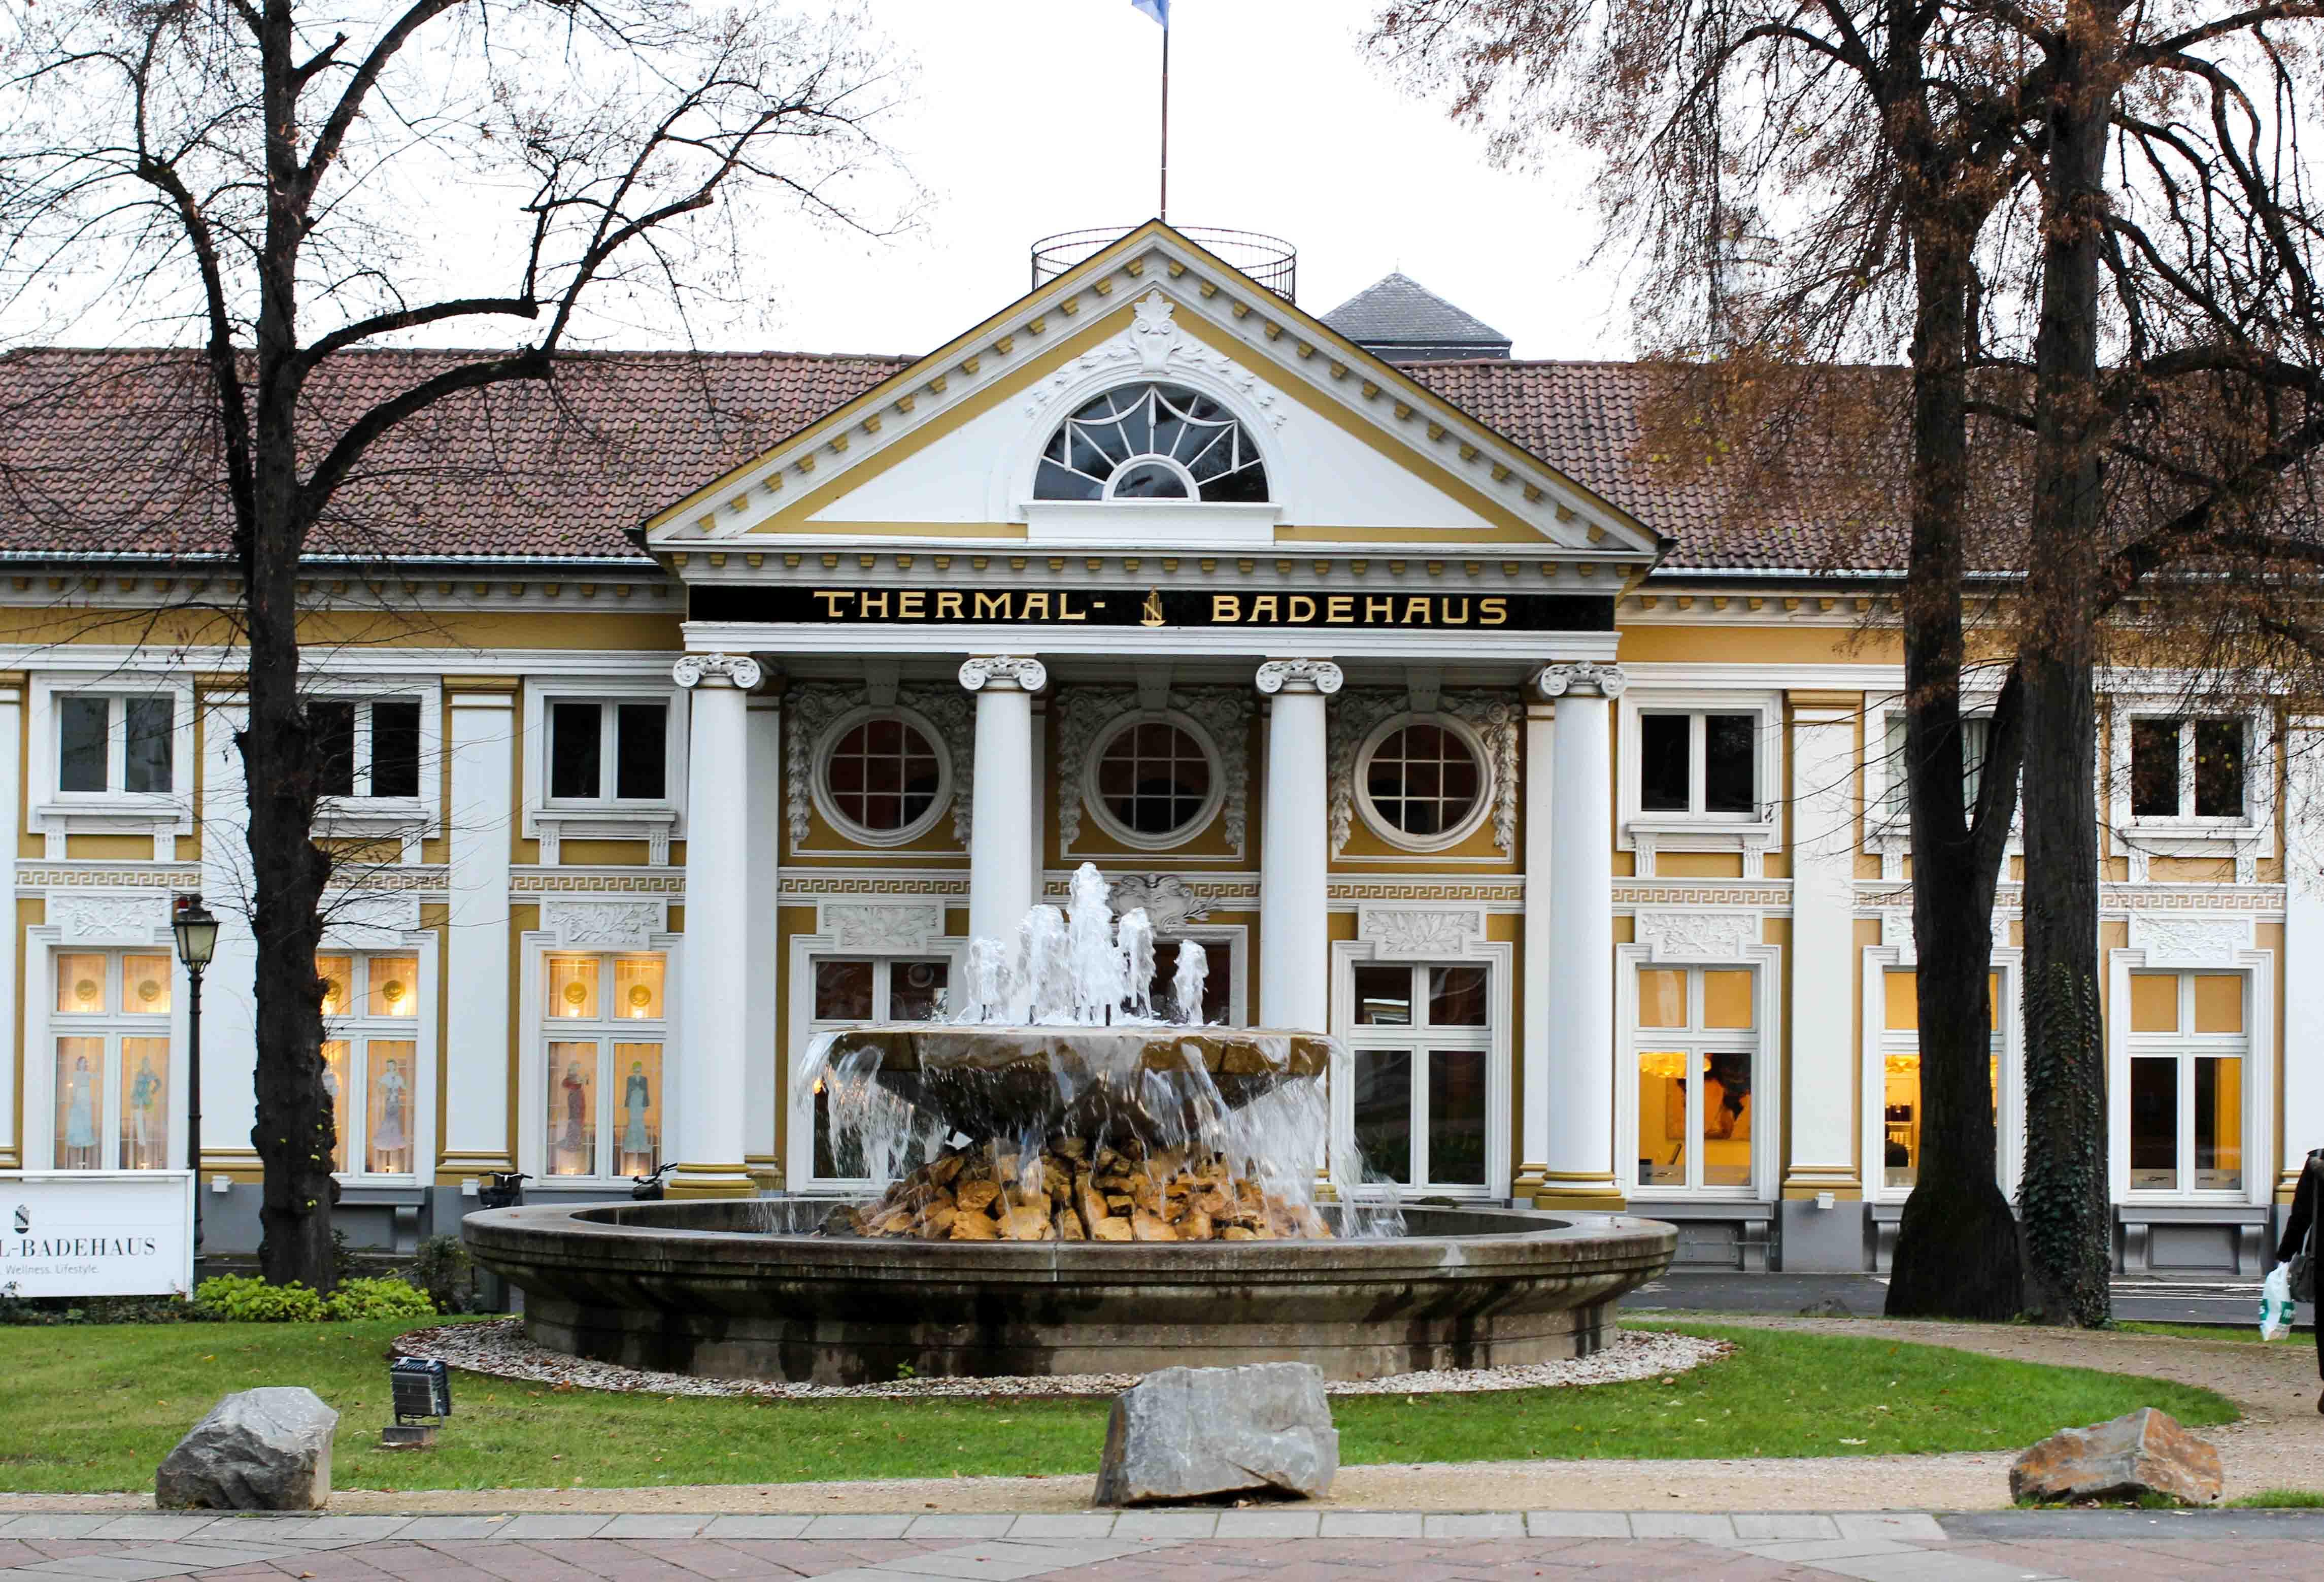 Steigenberger Hotel Bad Neuenahr #Stahr Bloggerreise Luxushotel Thermal Badehaus